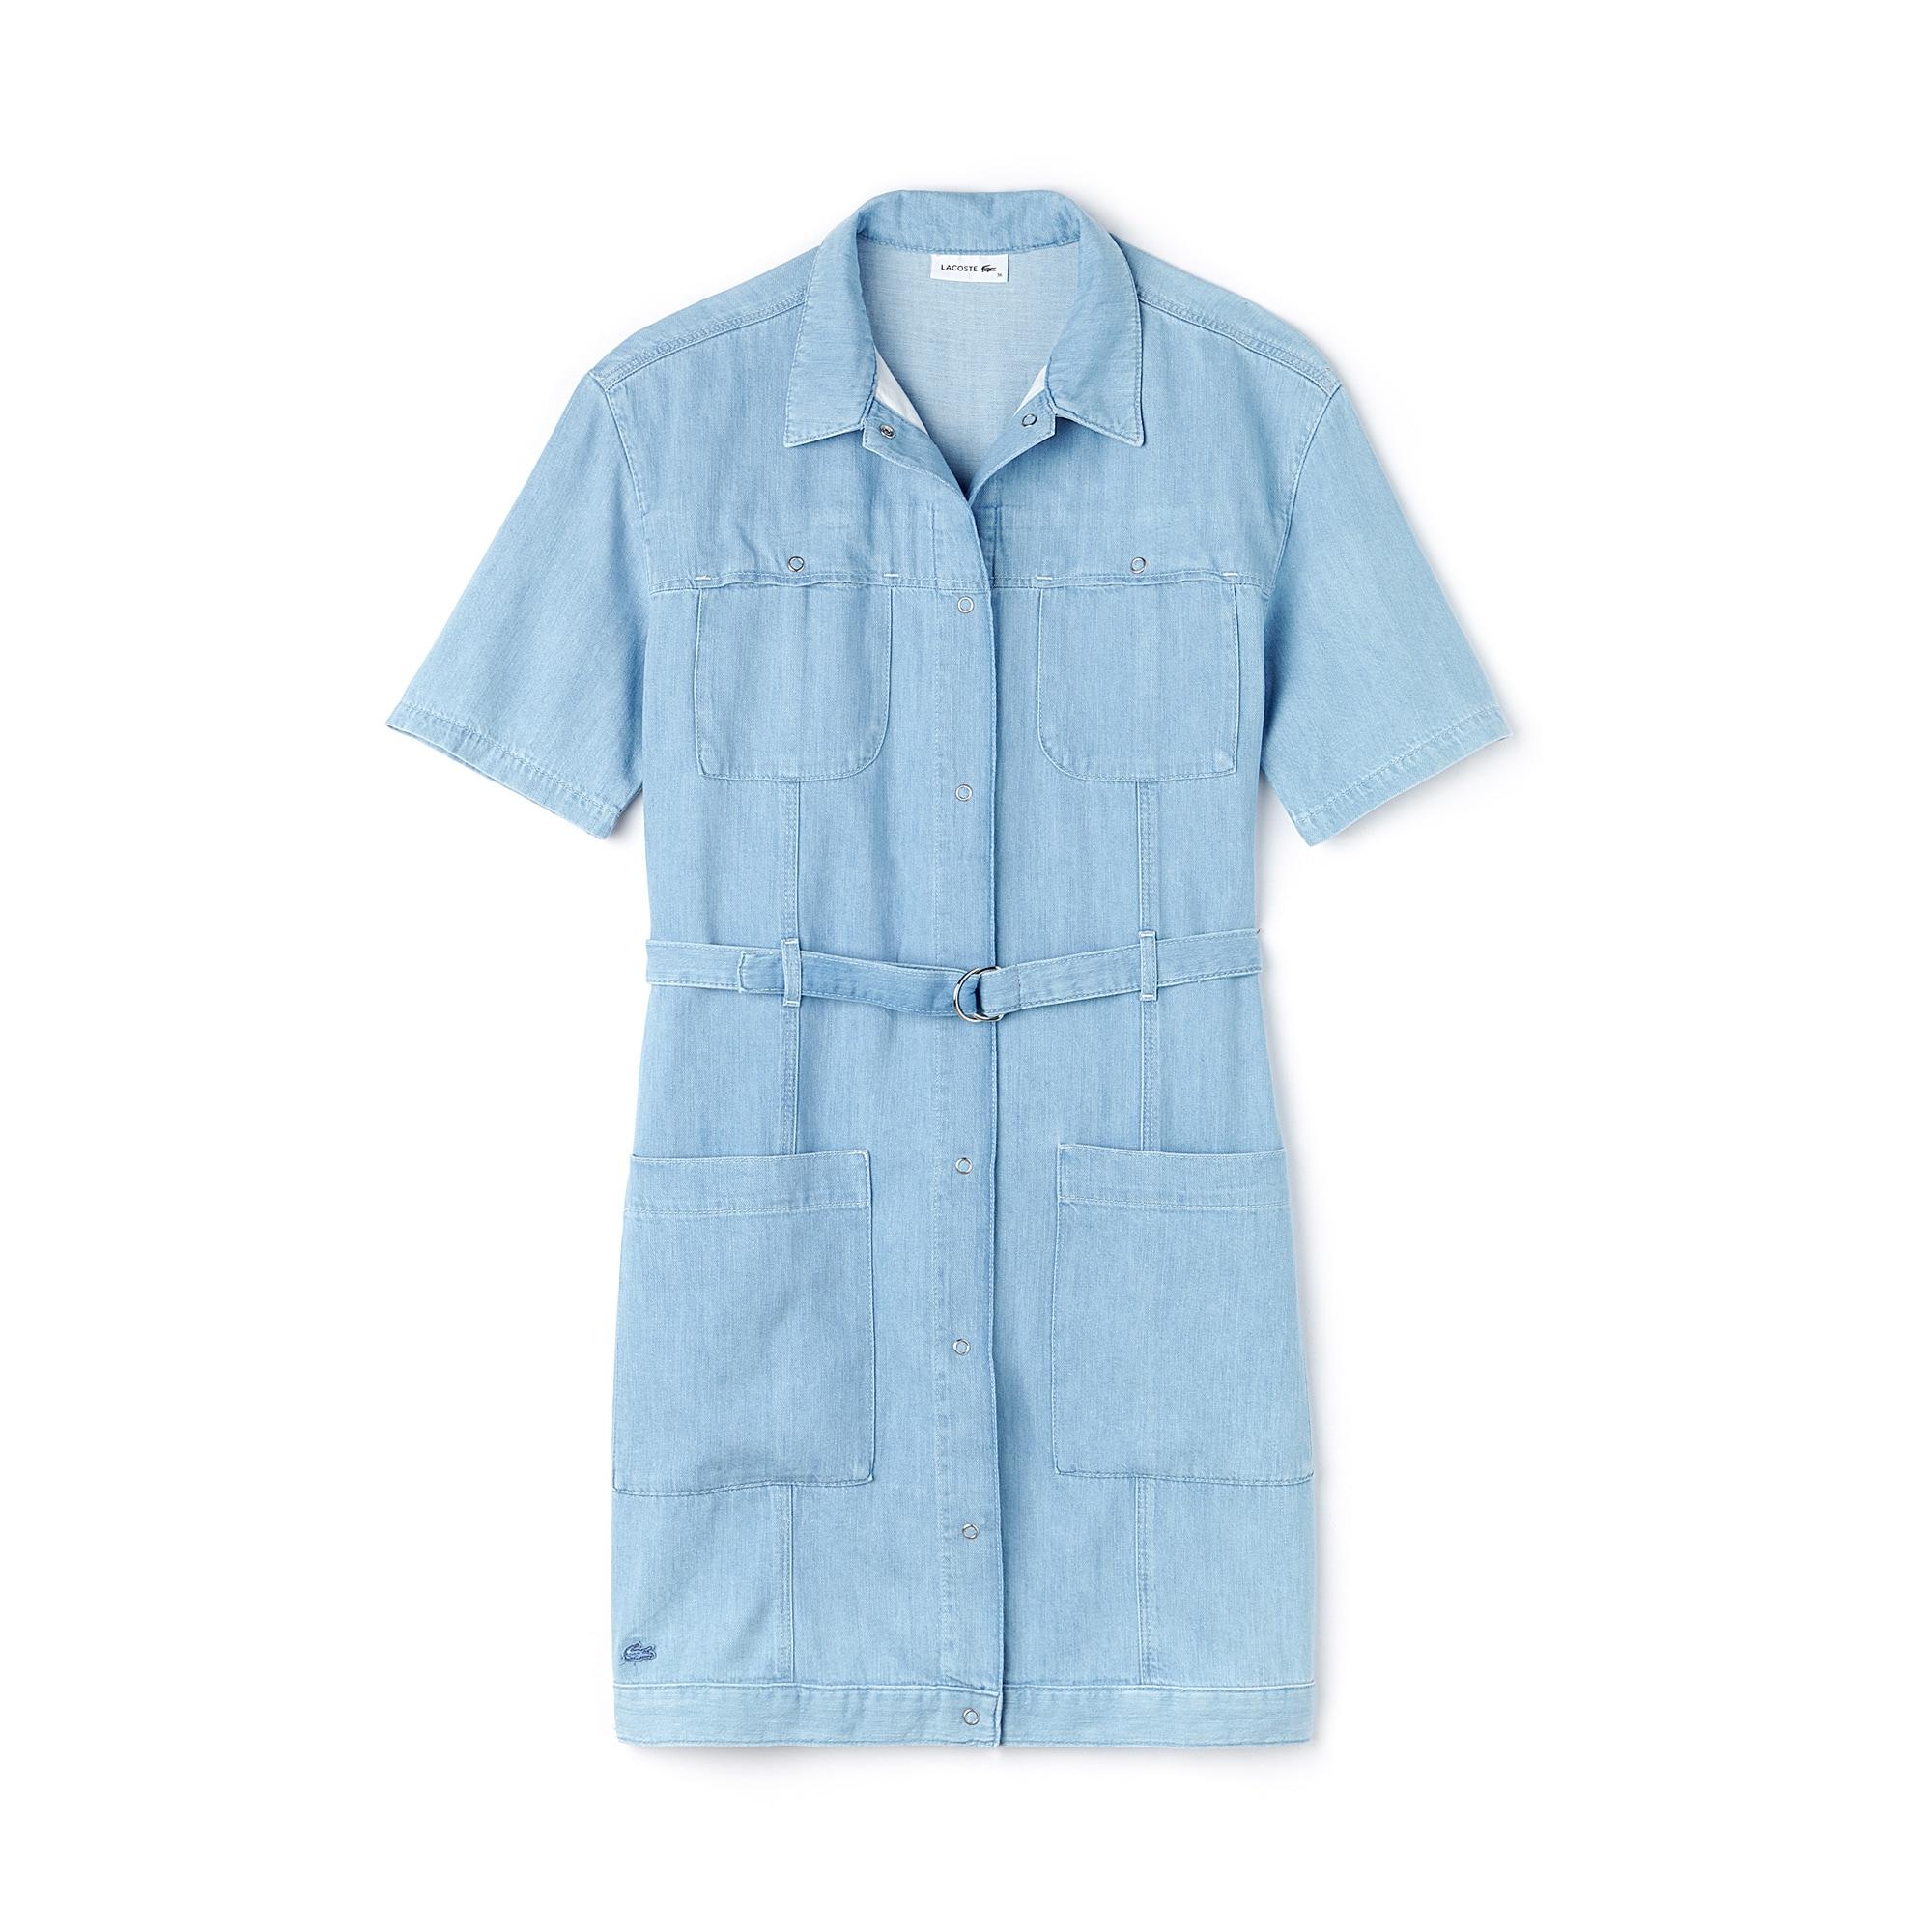 Jurk dames katoendenim met riem en meerdere zakken